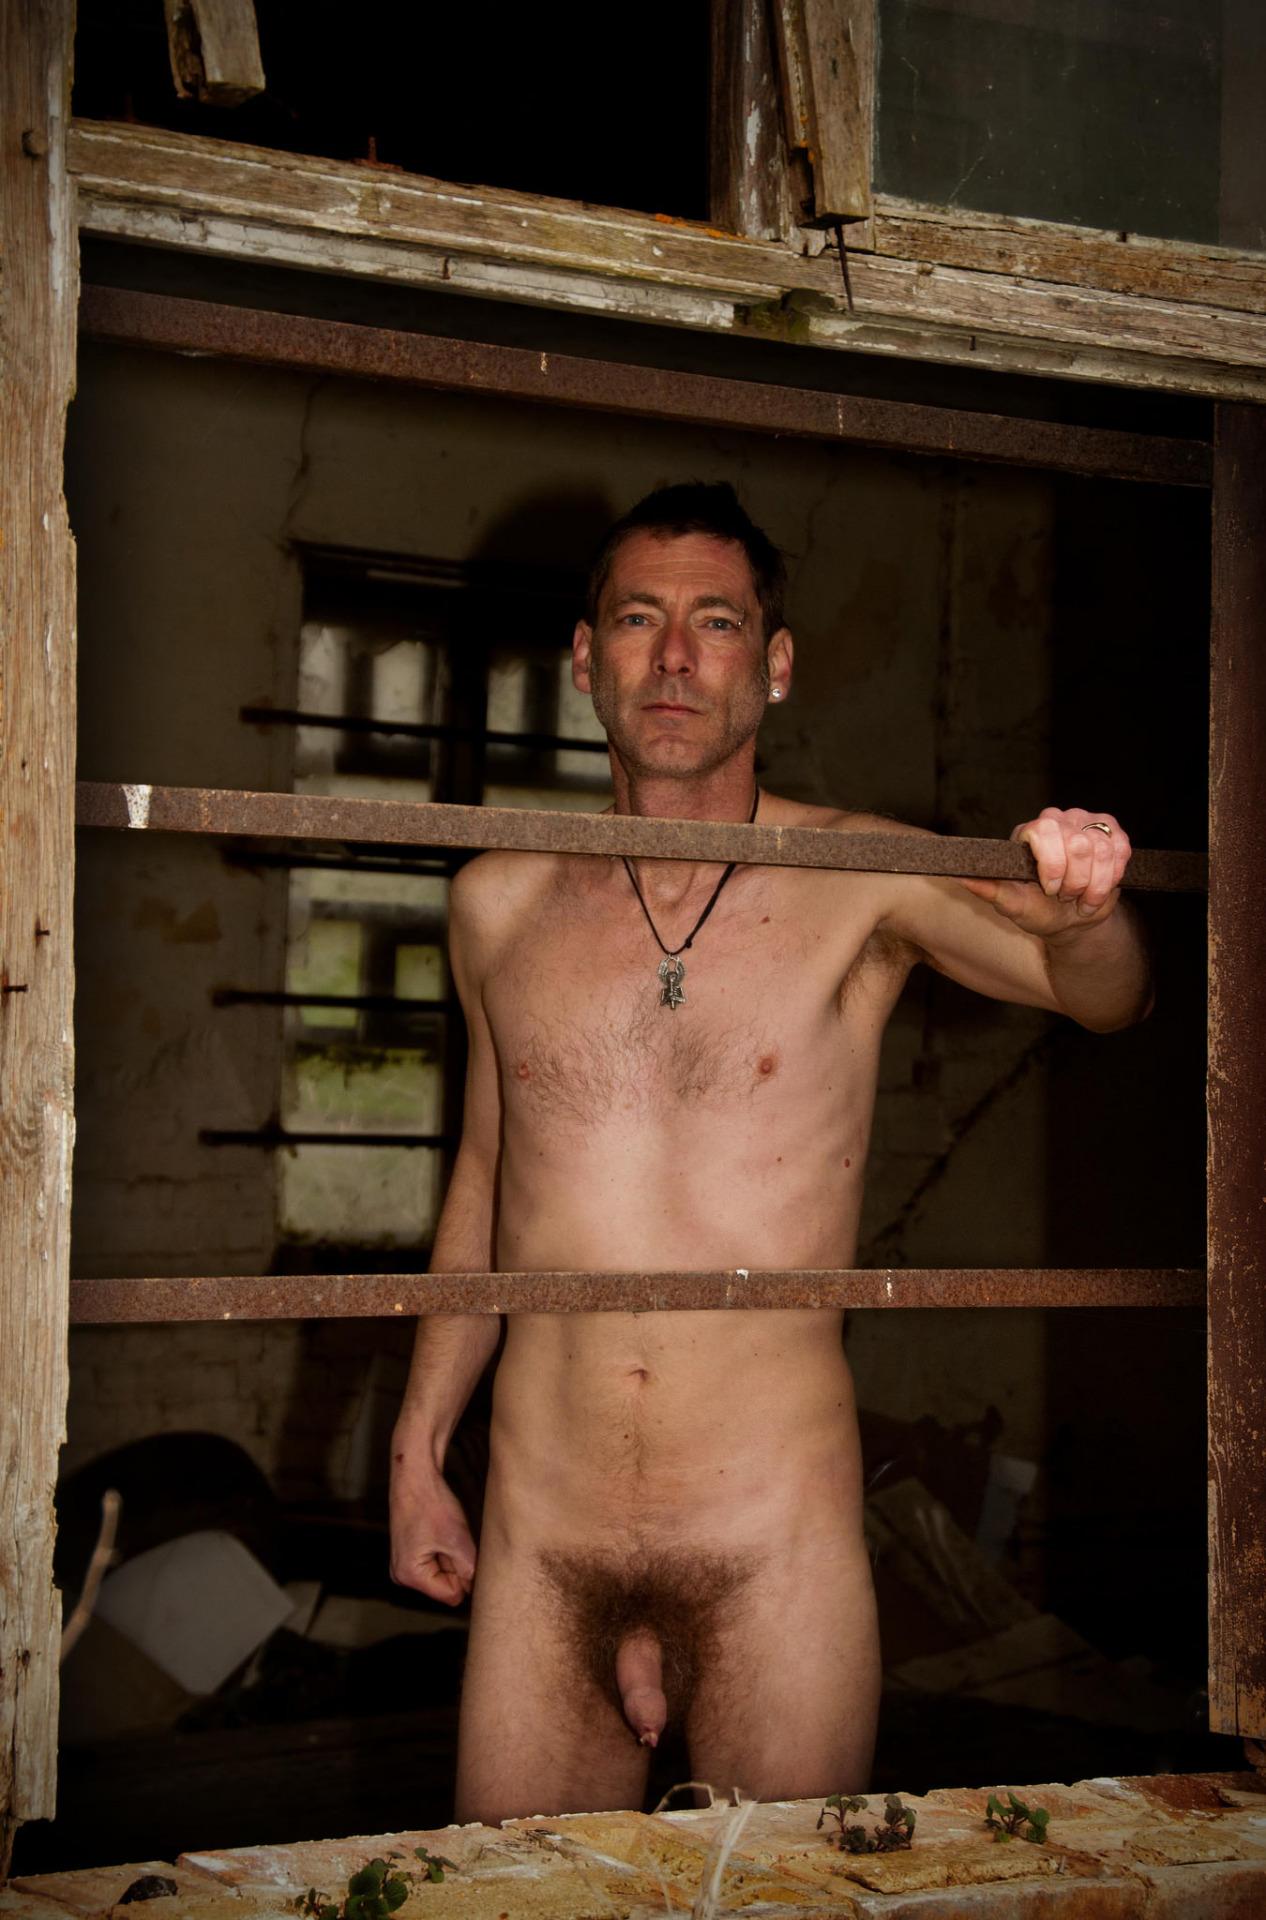 Photo d'un homme nu de 43 ans avec un long prépuce